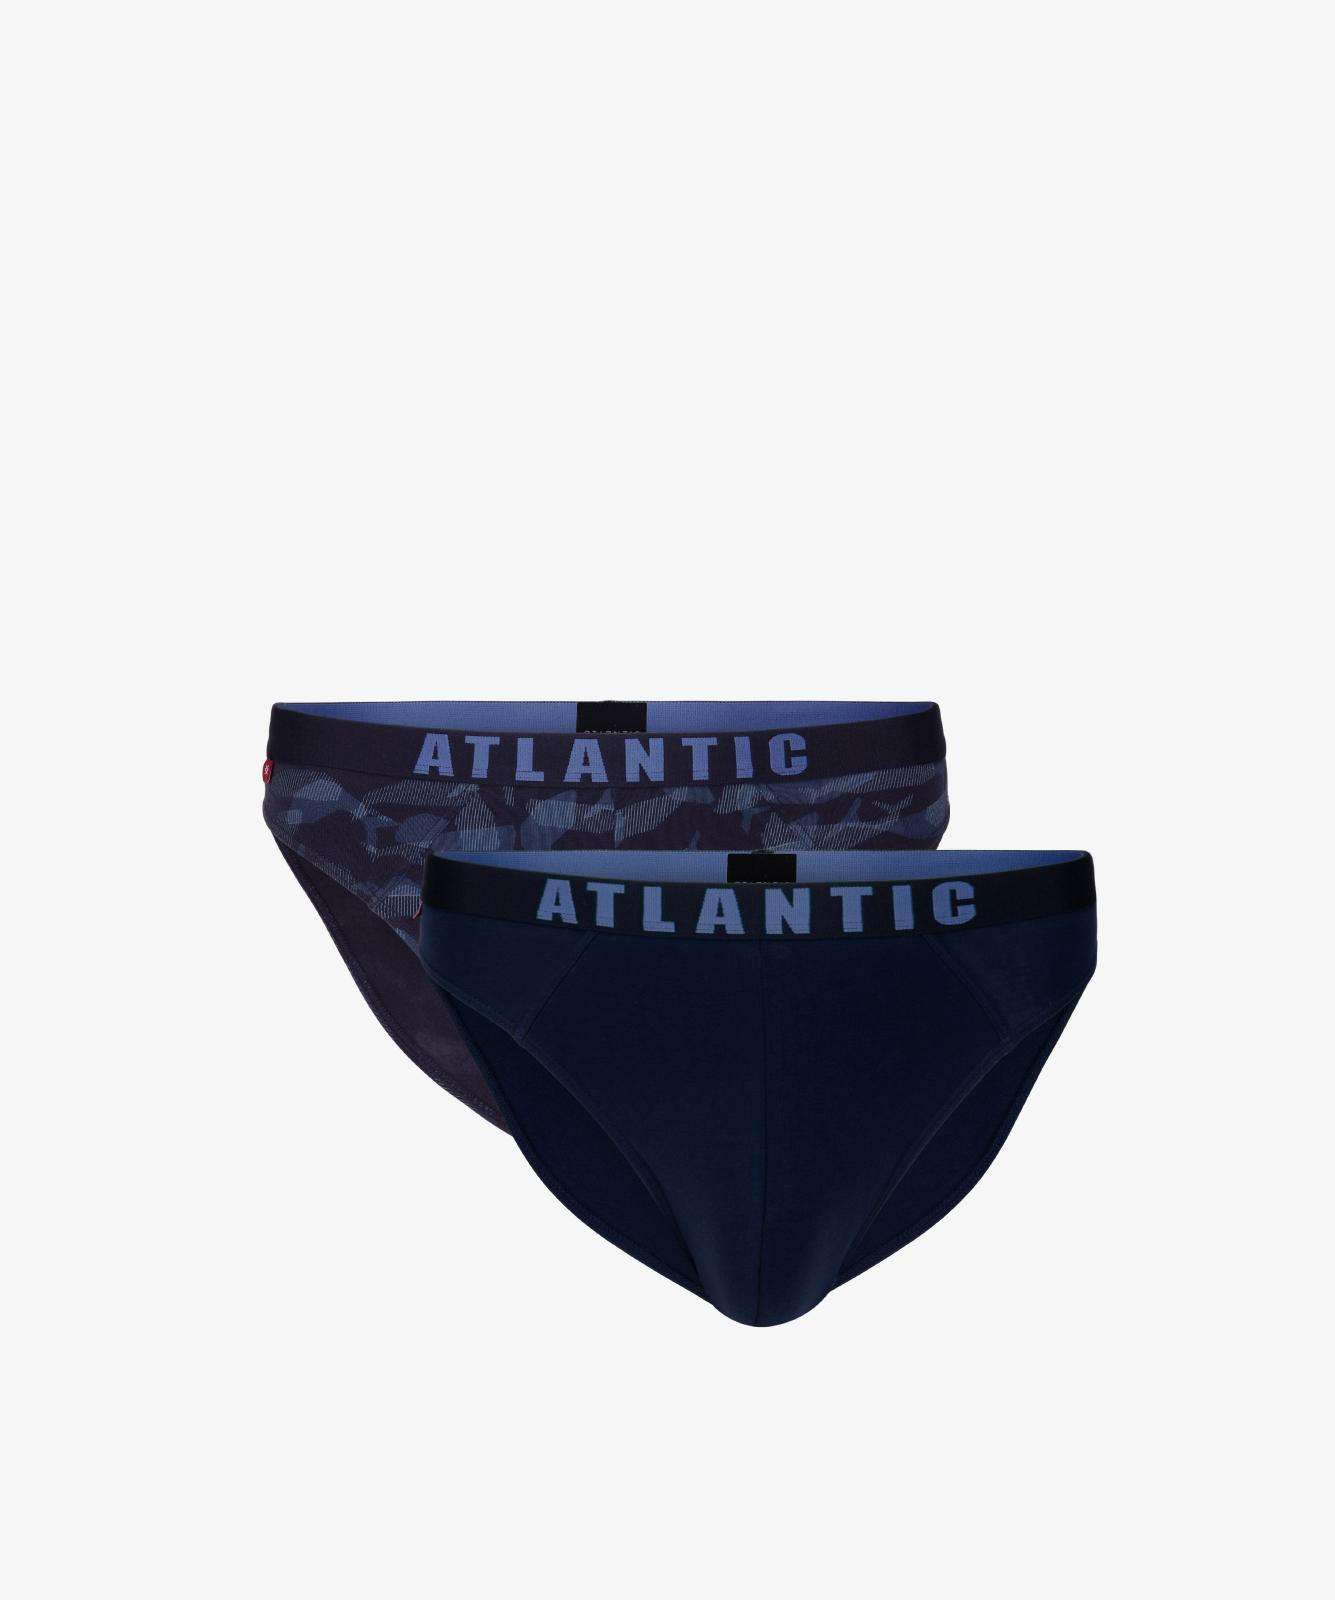 Мужские трусы слипы спорт Atlantic, набор 2 шт., хлопок, темно-синие, 2MP-1559